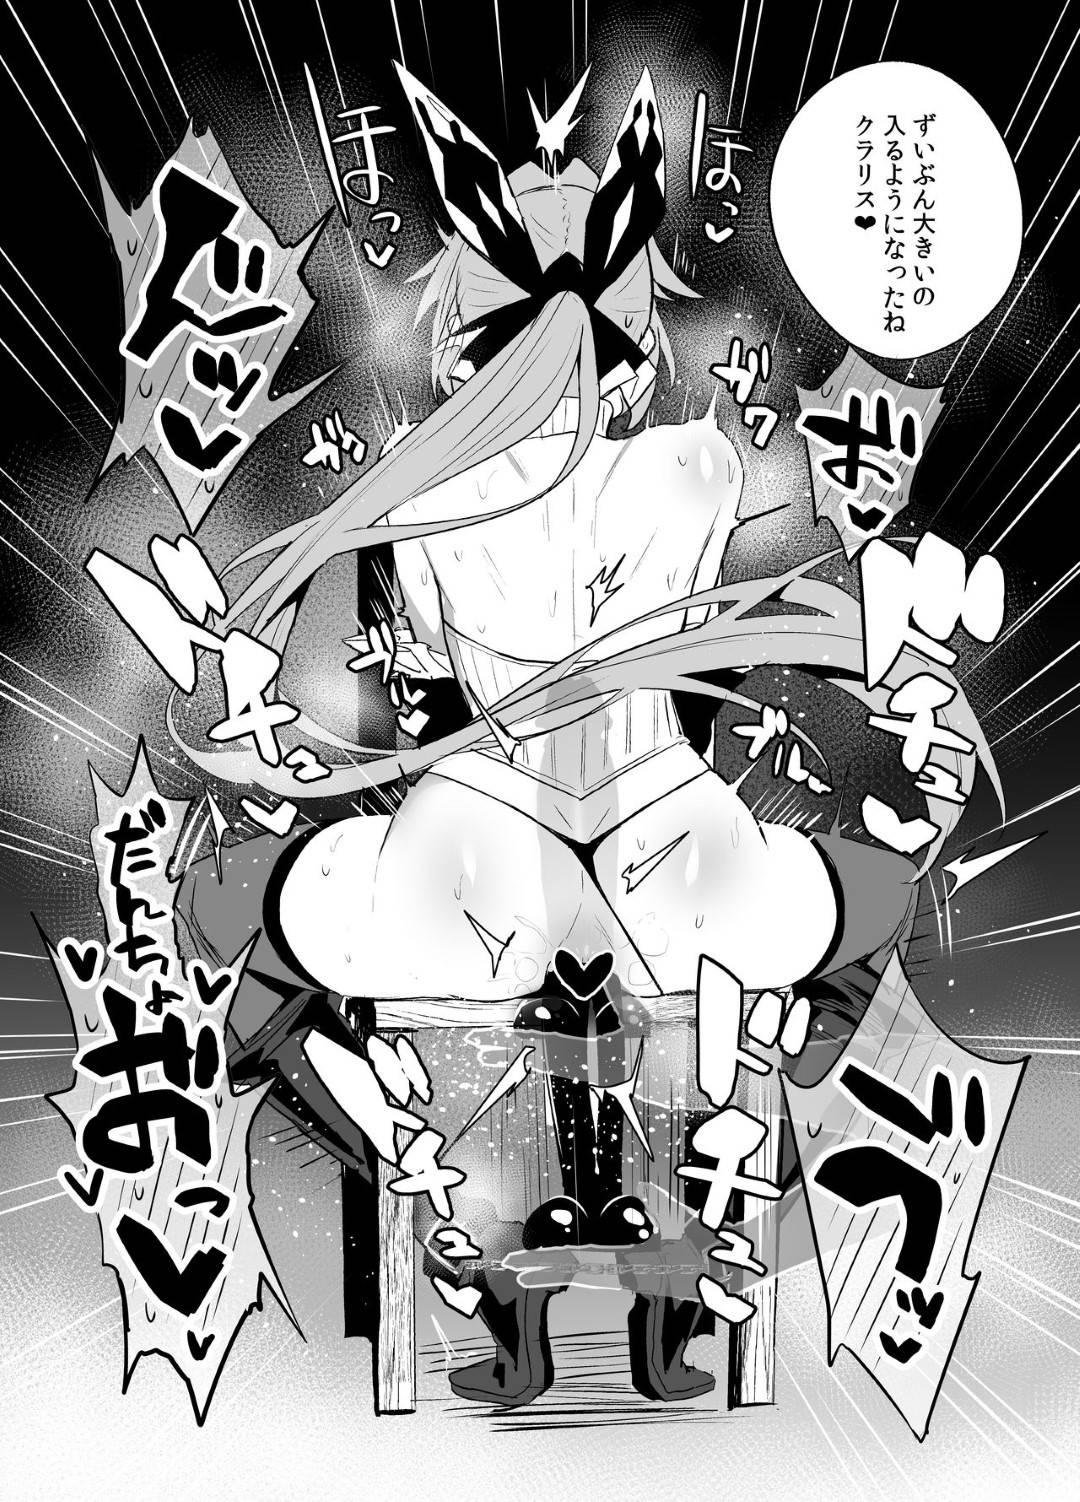 【グラブルエロ漫画】団長に調教されてどんなハードプレイにも応じてくれるクラリス。イラマやアナルビーズ、目隠し拘束した上でローター責めされてイキまくる!【うるりひ】